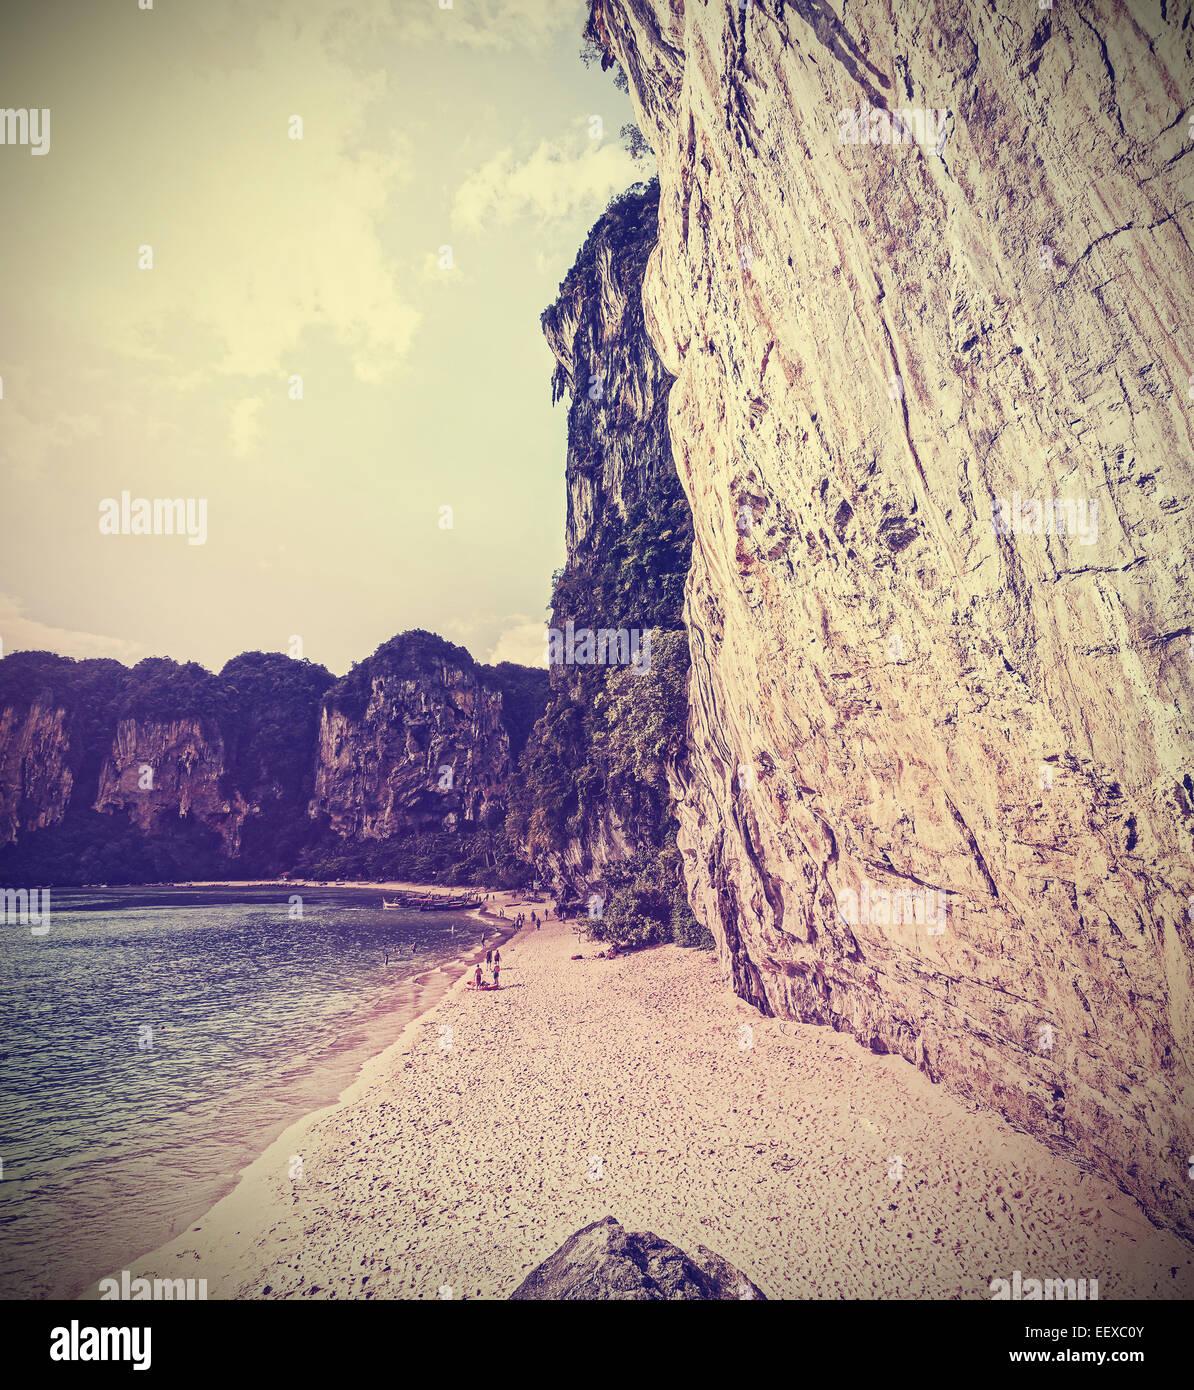 Retro Vintage gefilterten Bild von einem Felsen-Strand. Stockbild